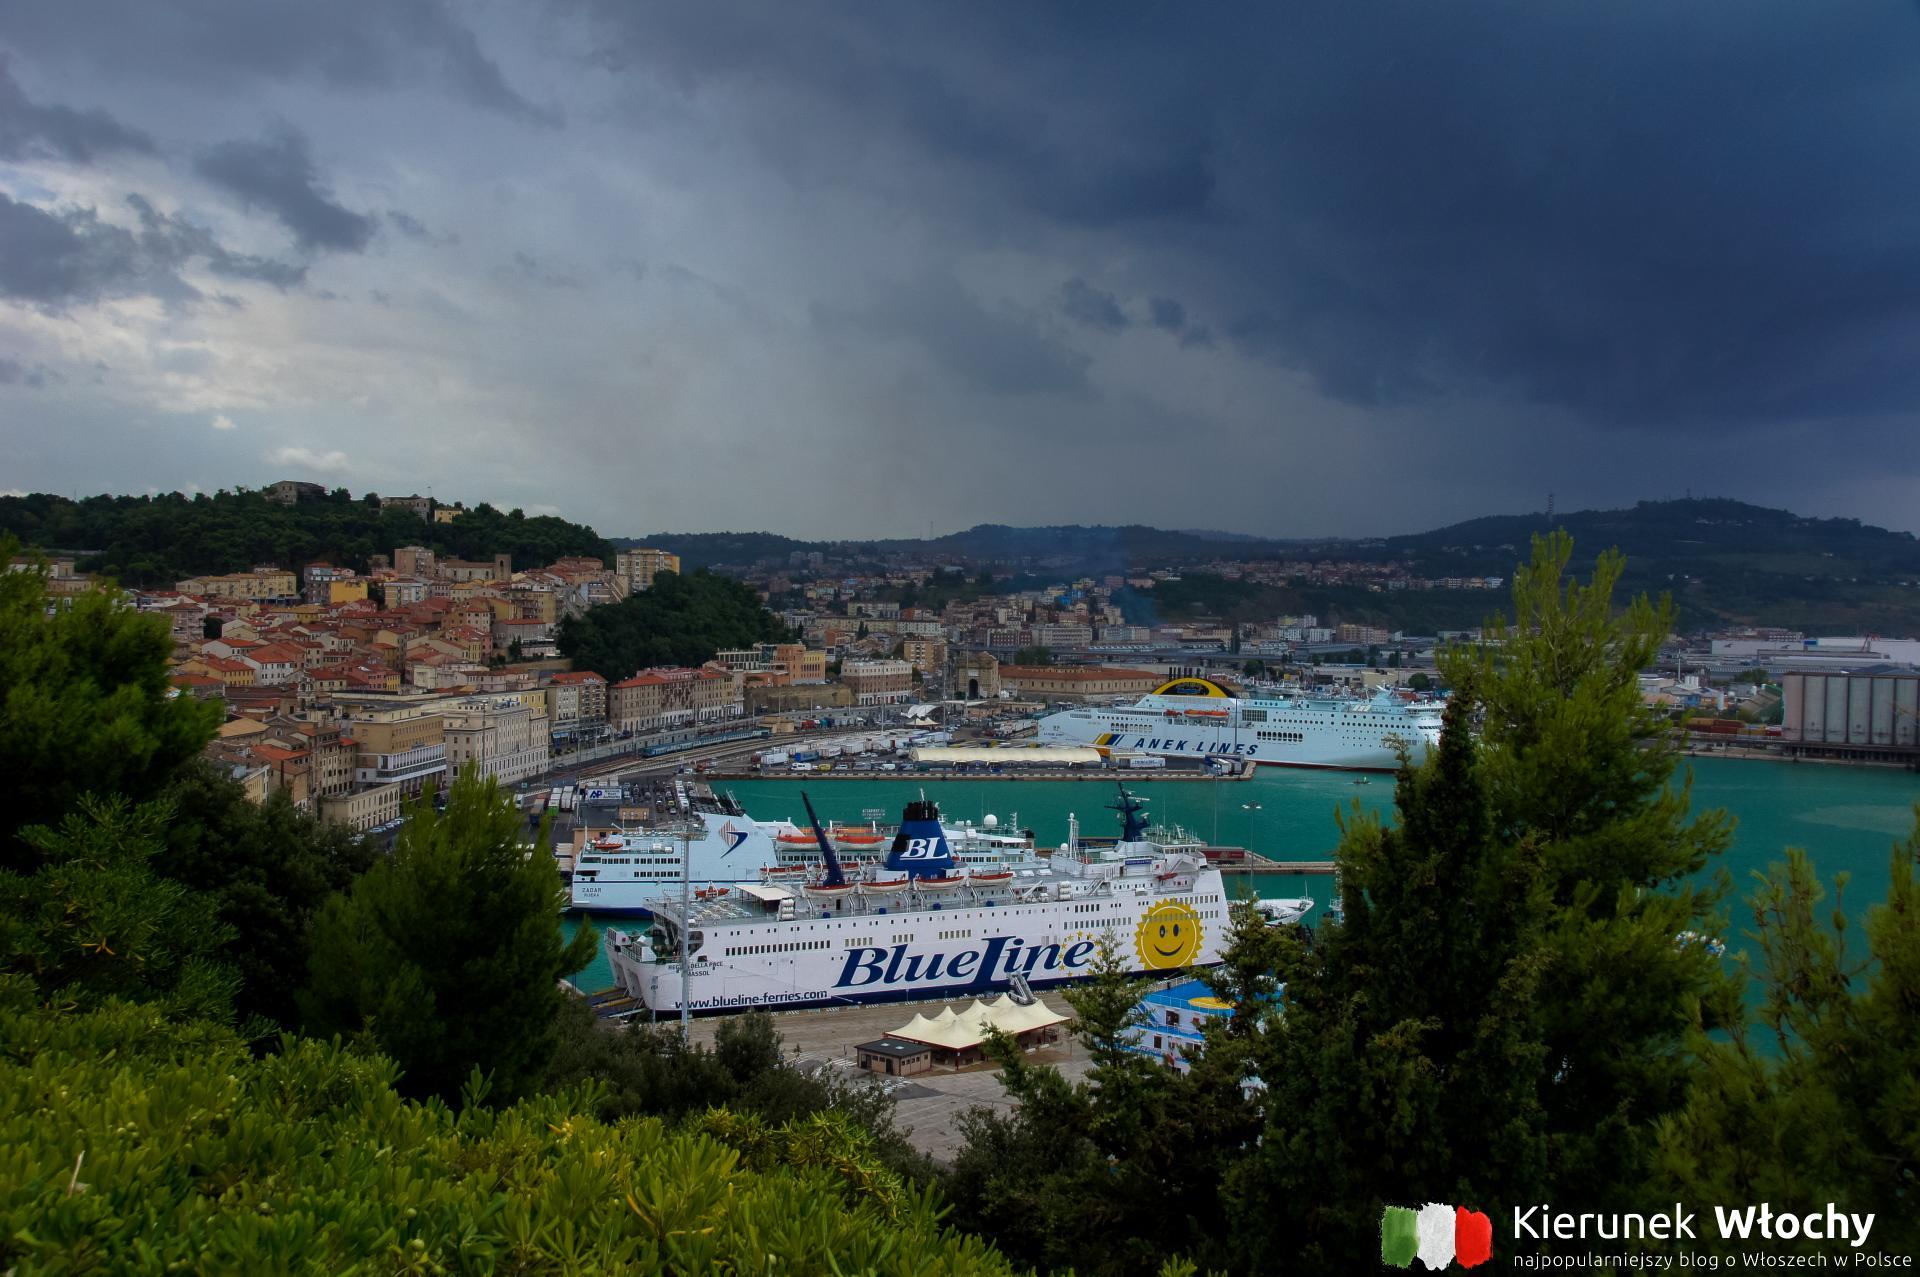 Ankona i okolice - co warto zobaczyć, gdzie są najpiękniejsze plaże. Na zdjęciu port w Ankonie, region Marche, Włochy (fot. Łukasz Ropczyński, kierunekwlochy.pl)